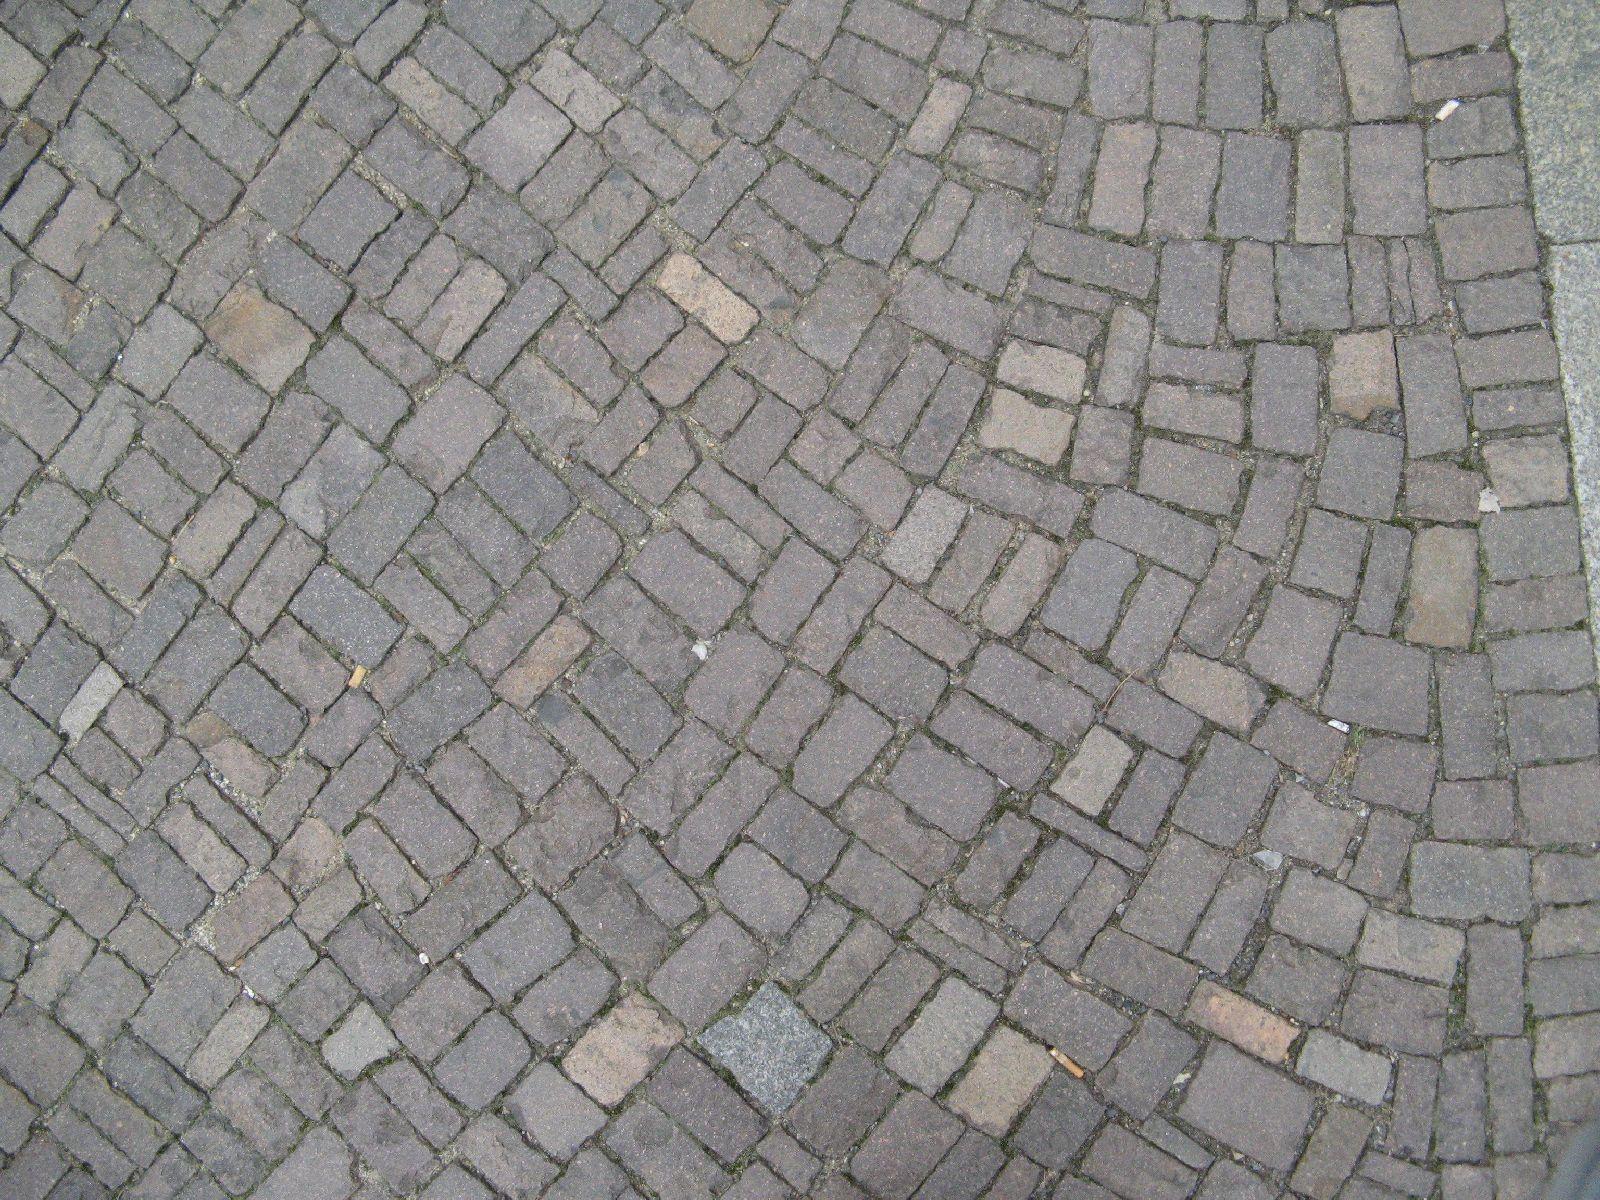 Boden-Gehweg-Strasse-Buergersteig-Textur_B_3628